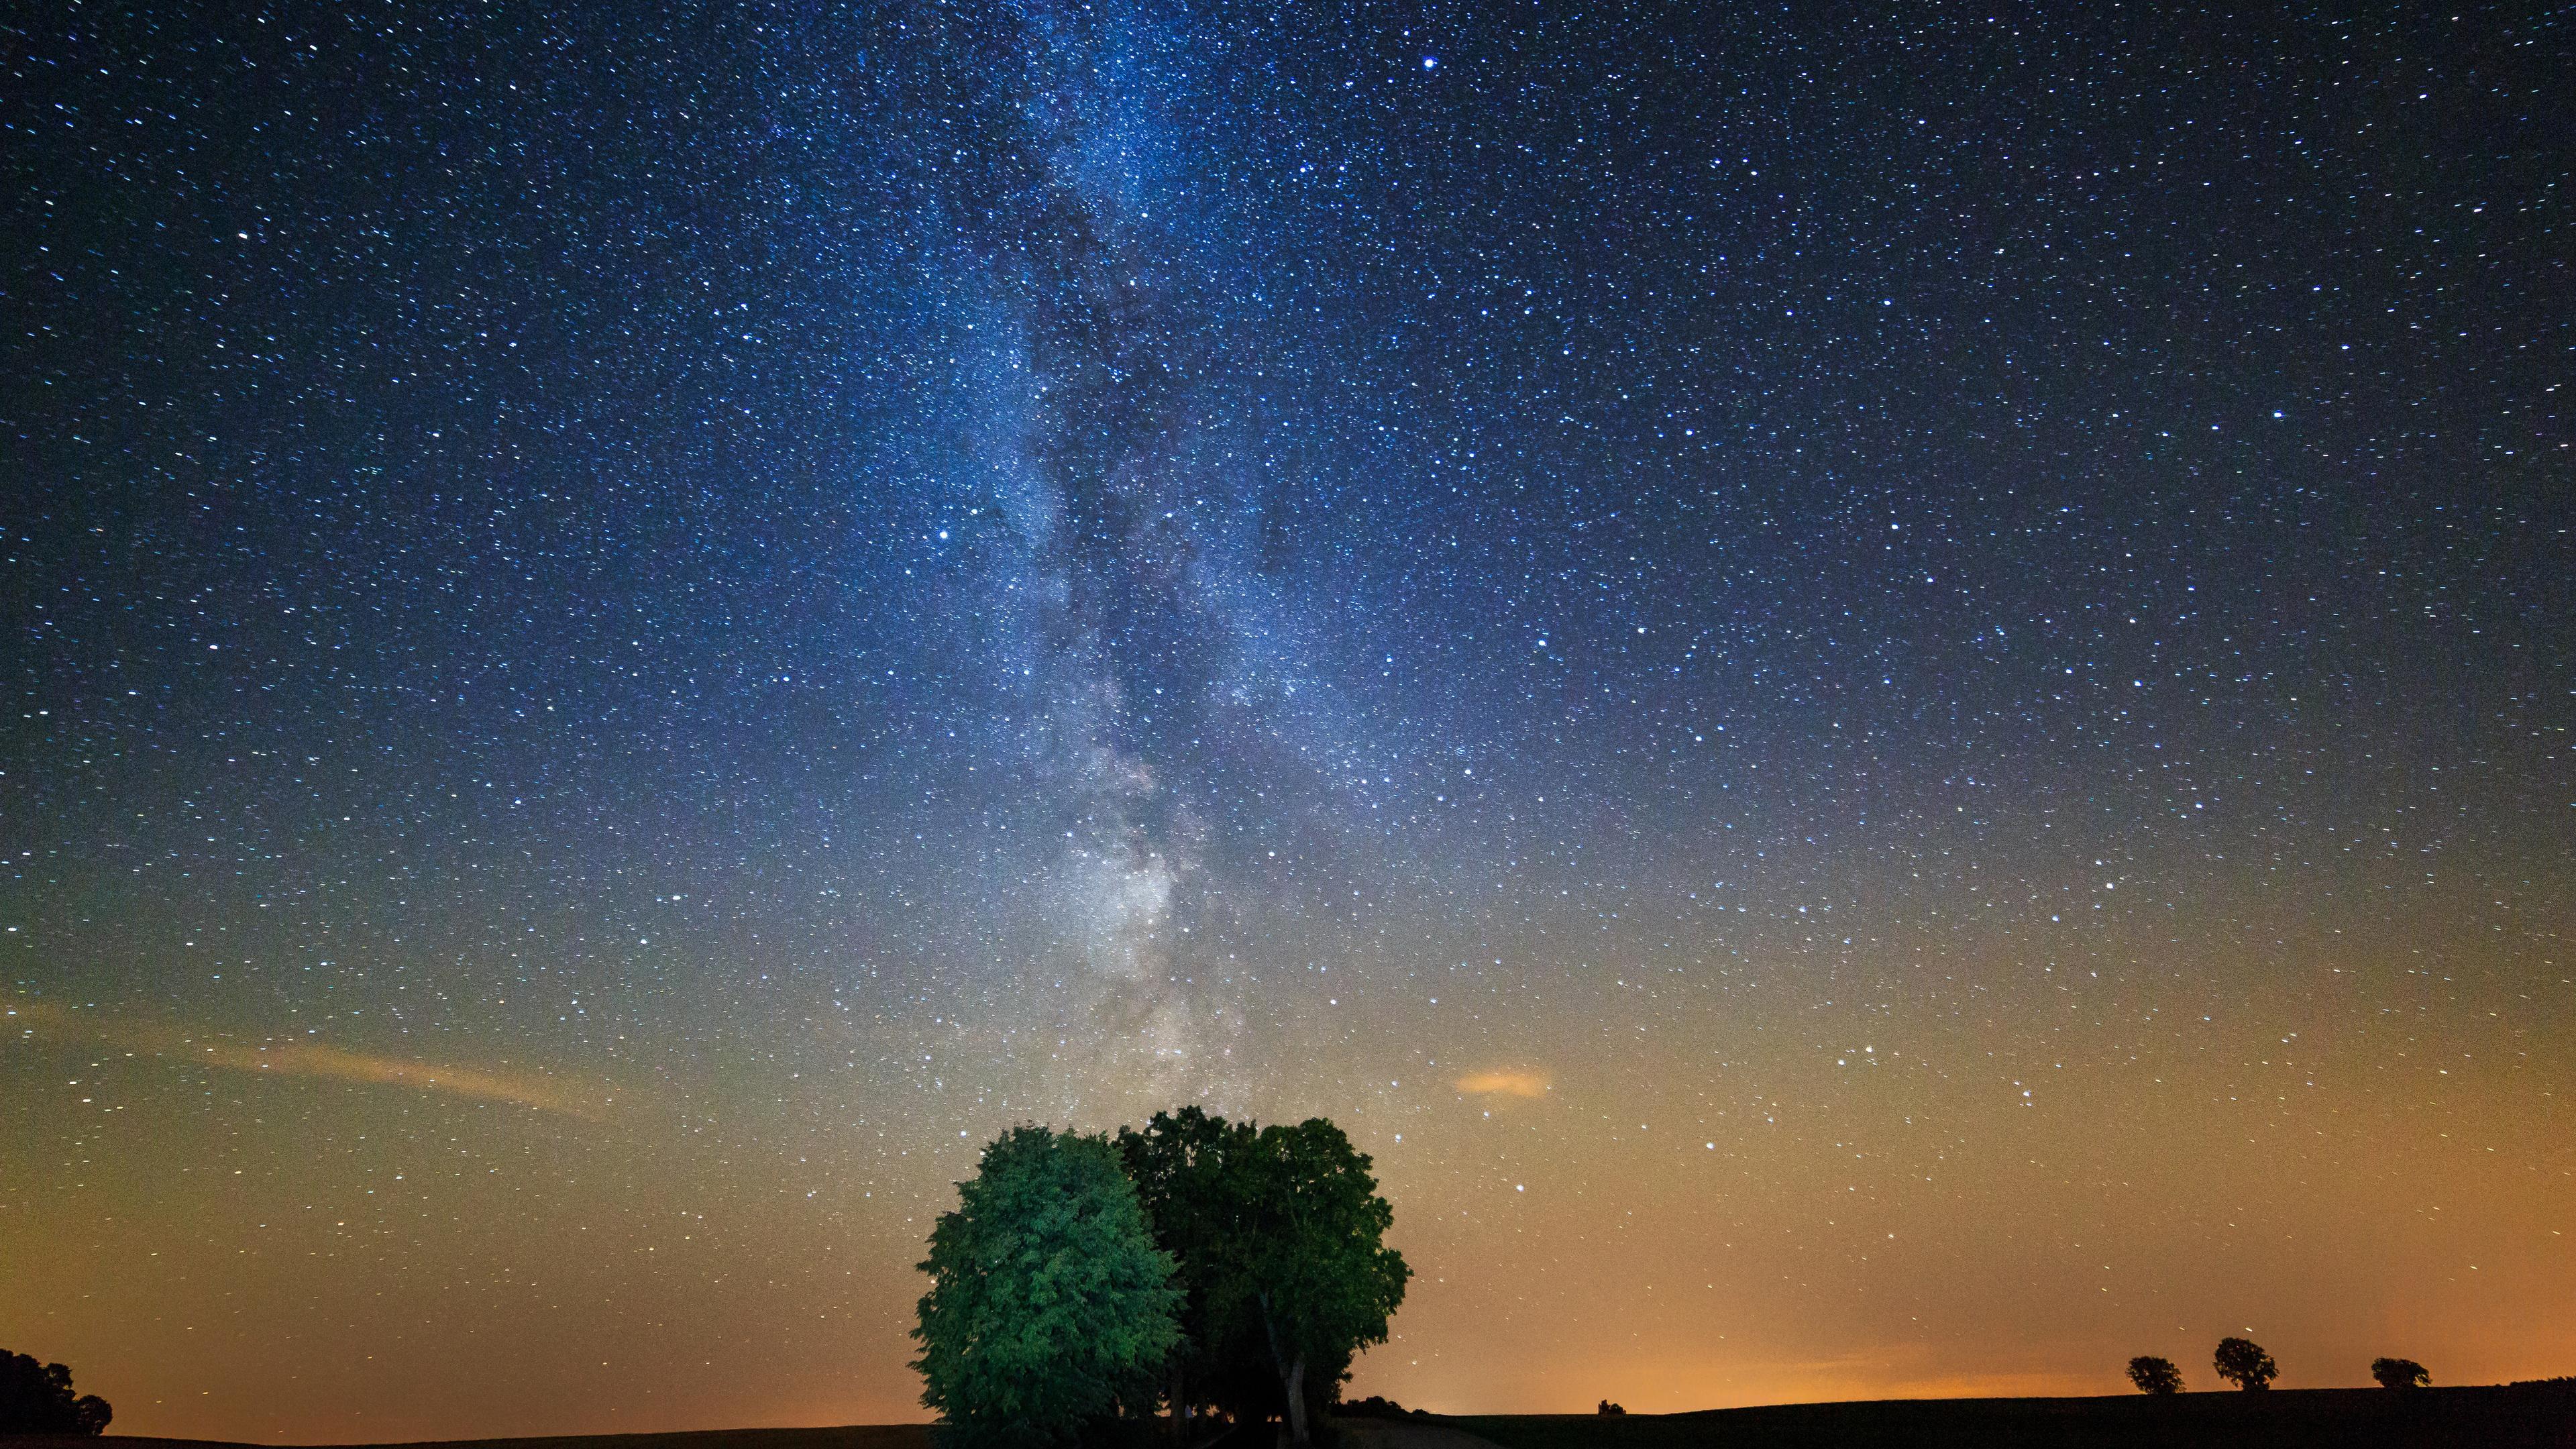 sky astronomy milky way night 4k 1540136518 - Sky Astronomy Milky Way Night 4k - sky wallpapers, night wallpapers, nature wallpapers, milky way wallpapers, hd-wallpapers, astronomy wallpapers, 5k wallpapers, 4k-wallpapers